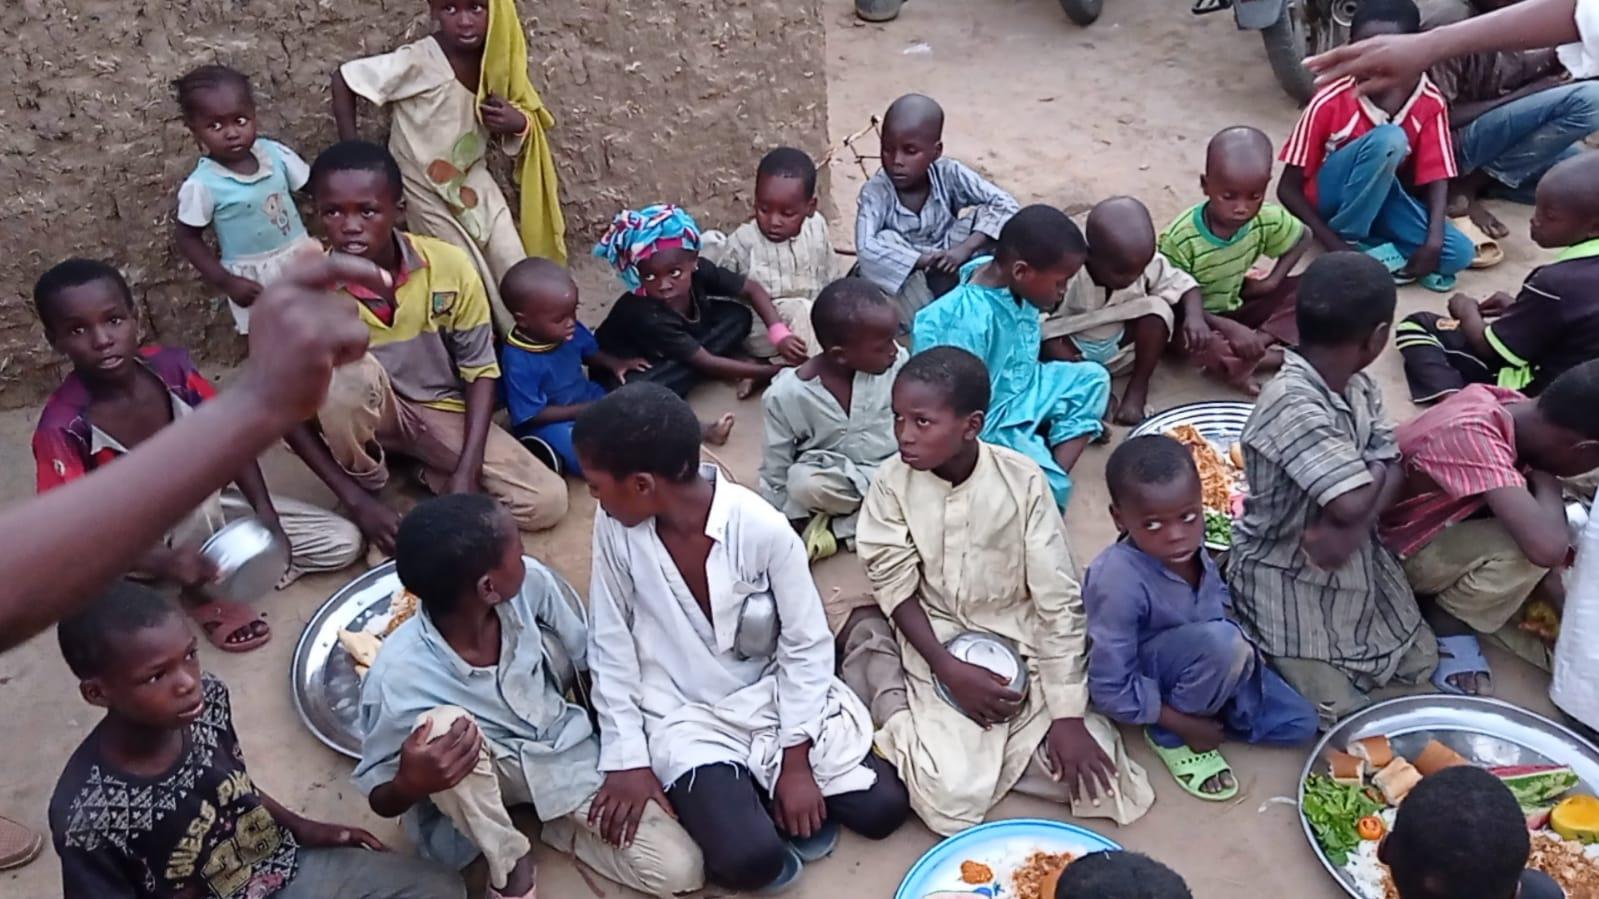 iyilik derneği sıcak yemek dağıtımı (6)